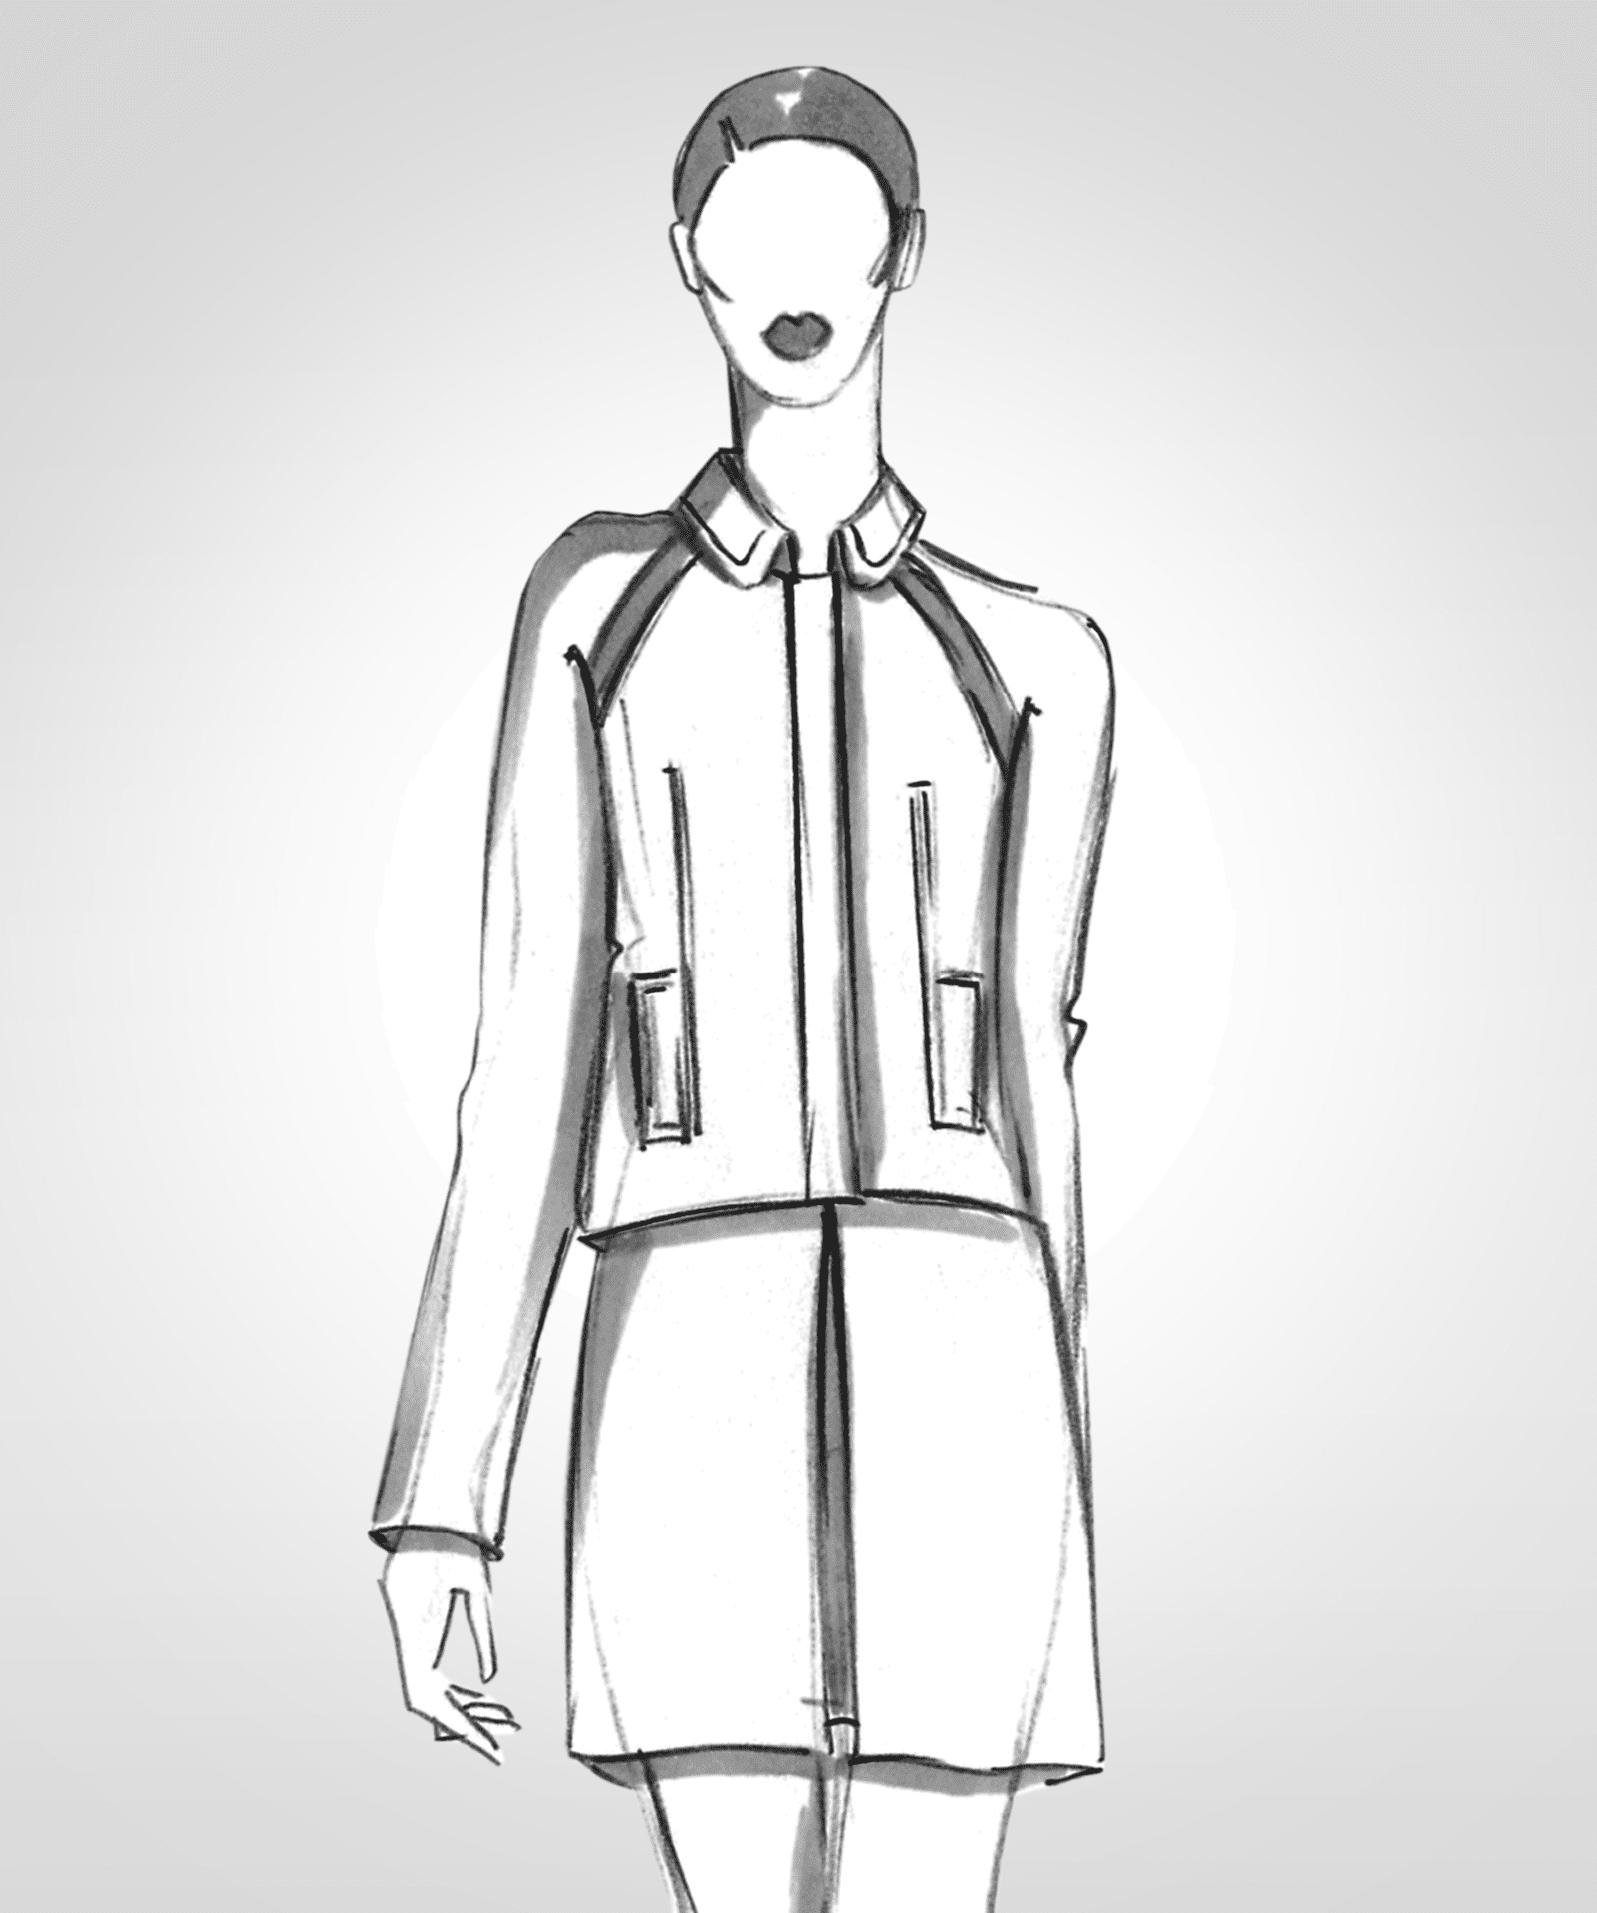 Die Modellzeichnung einer Jacke mit Reißverschluss und Raglanärmeln ist zu sehen.